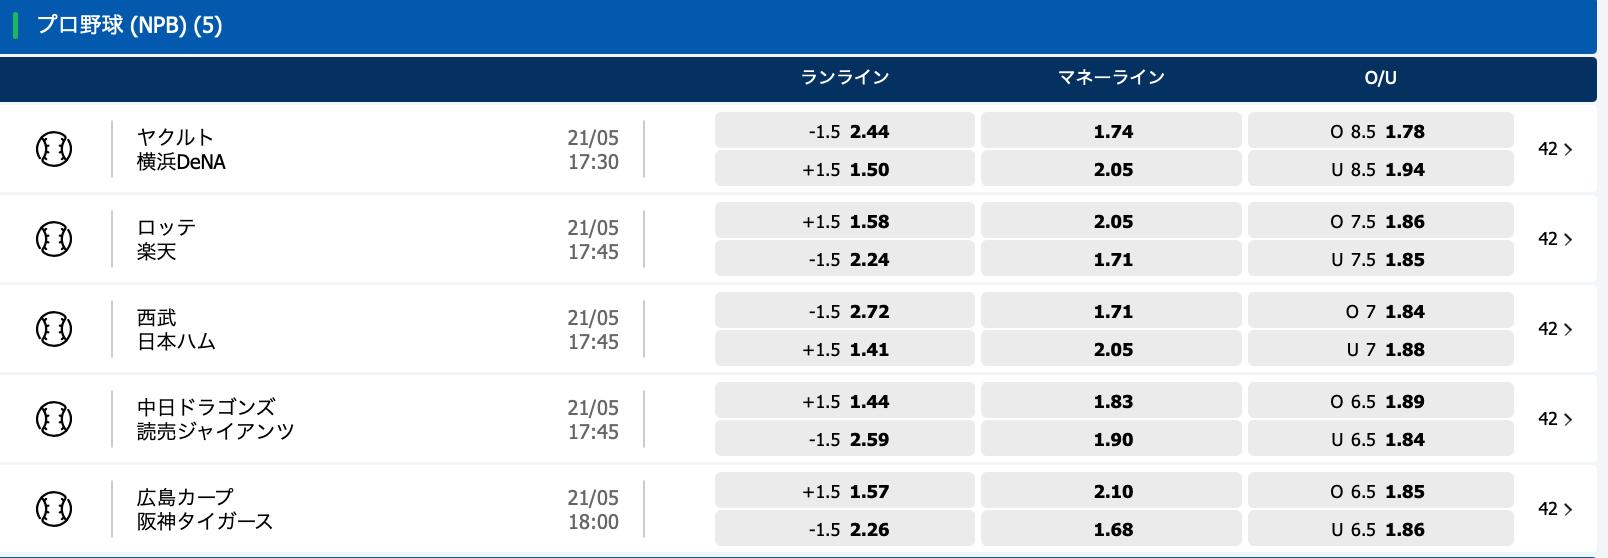 2021年5月21日プロ野球オッズ・10bet Japan